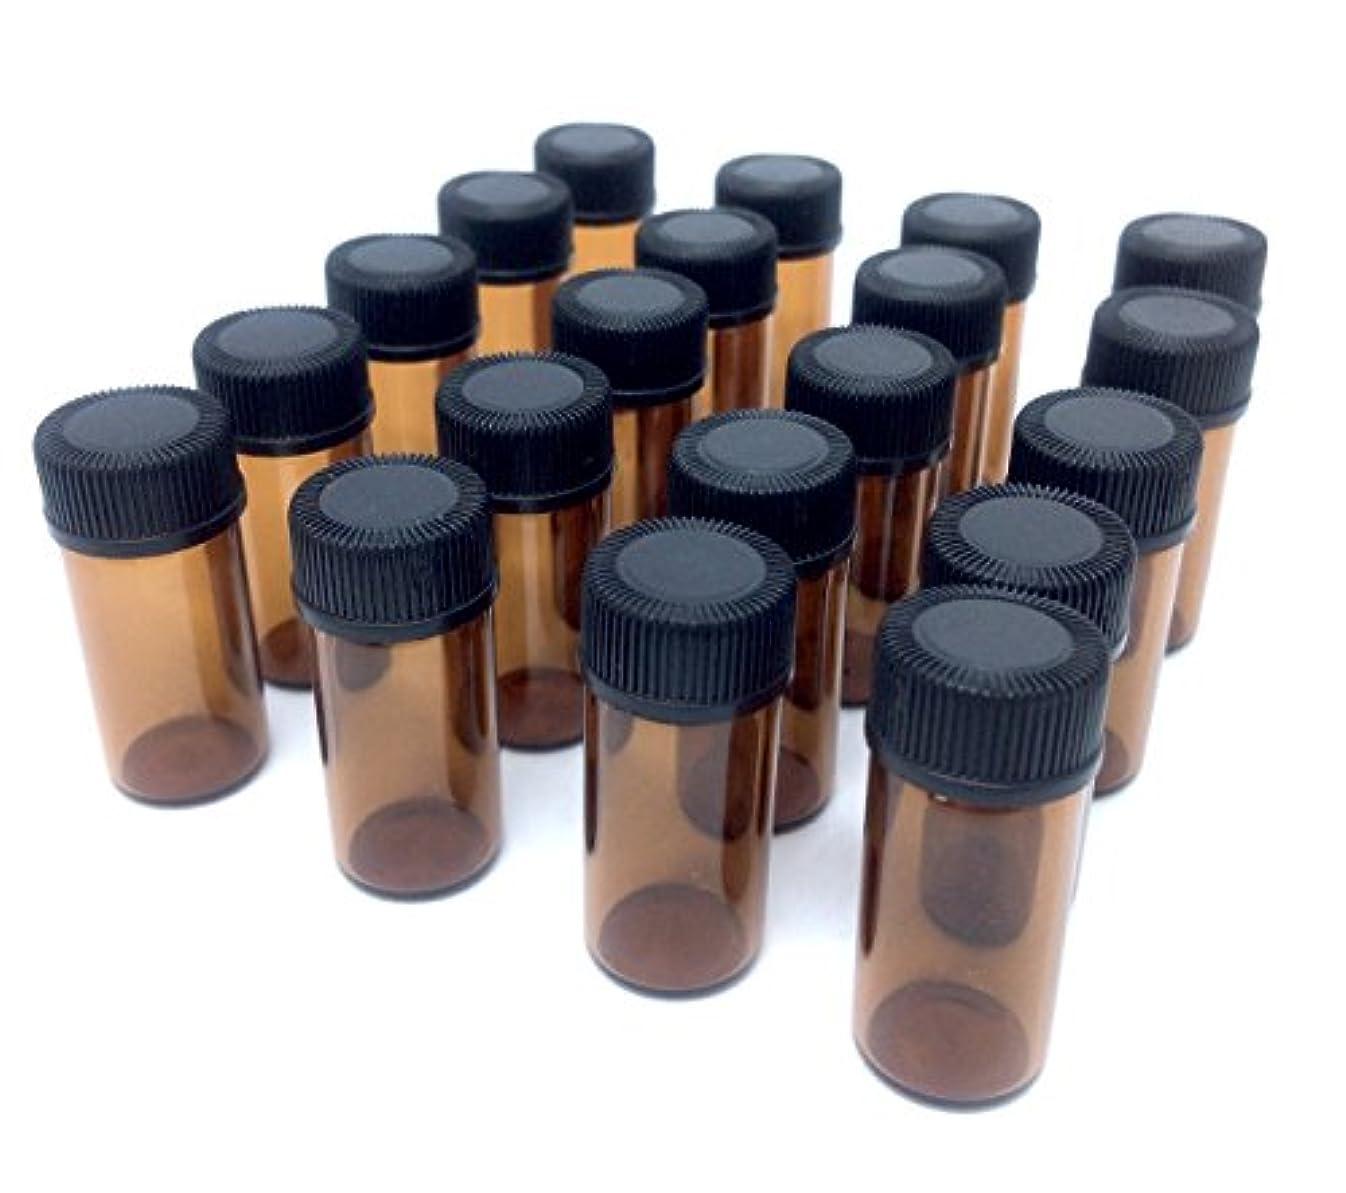 表向き電気技師バーアロマオイル 遮光瓶 精油 小分け用 ガラス製 保存容器 20本 セット (3ml)